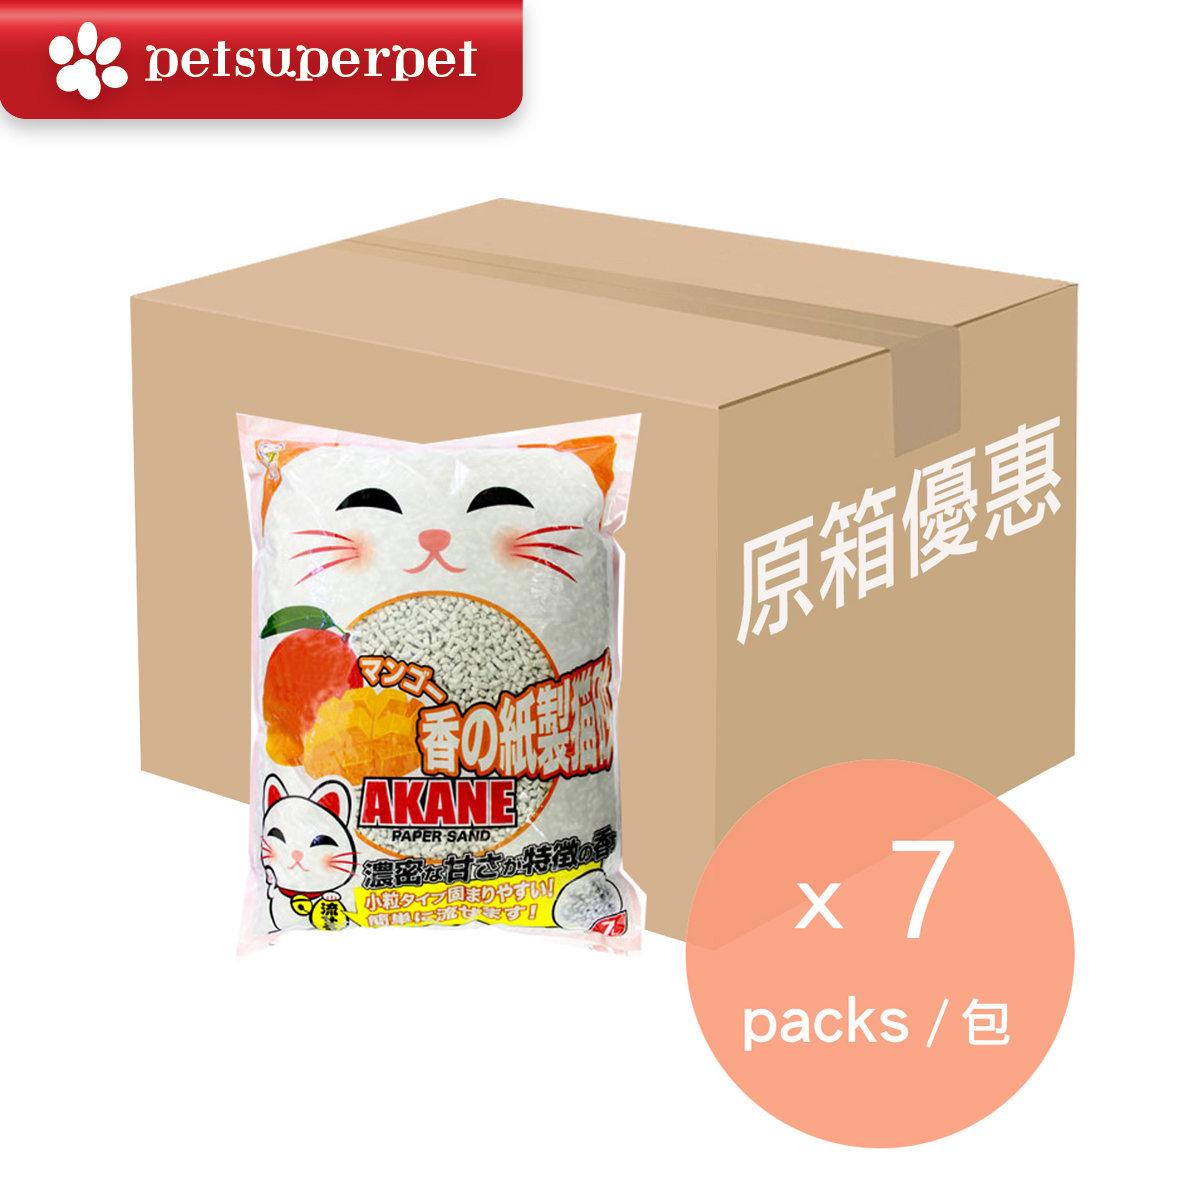 【Full Case】Mango Paper Cat Litter 7L x 7